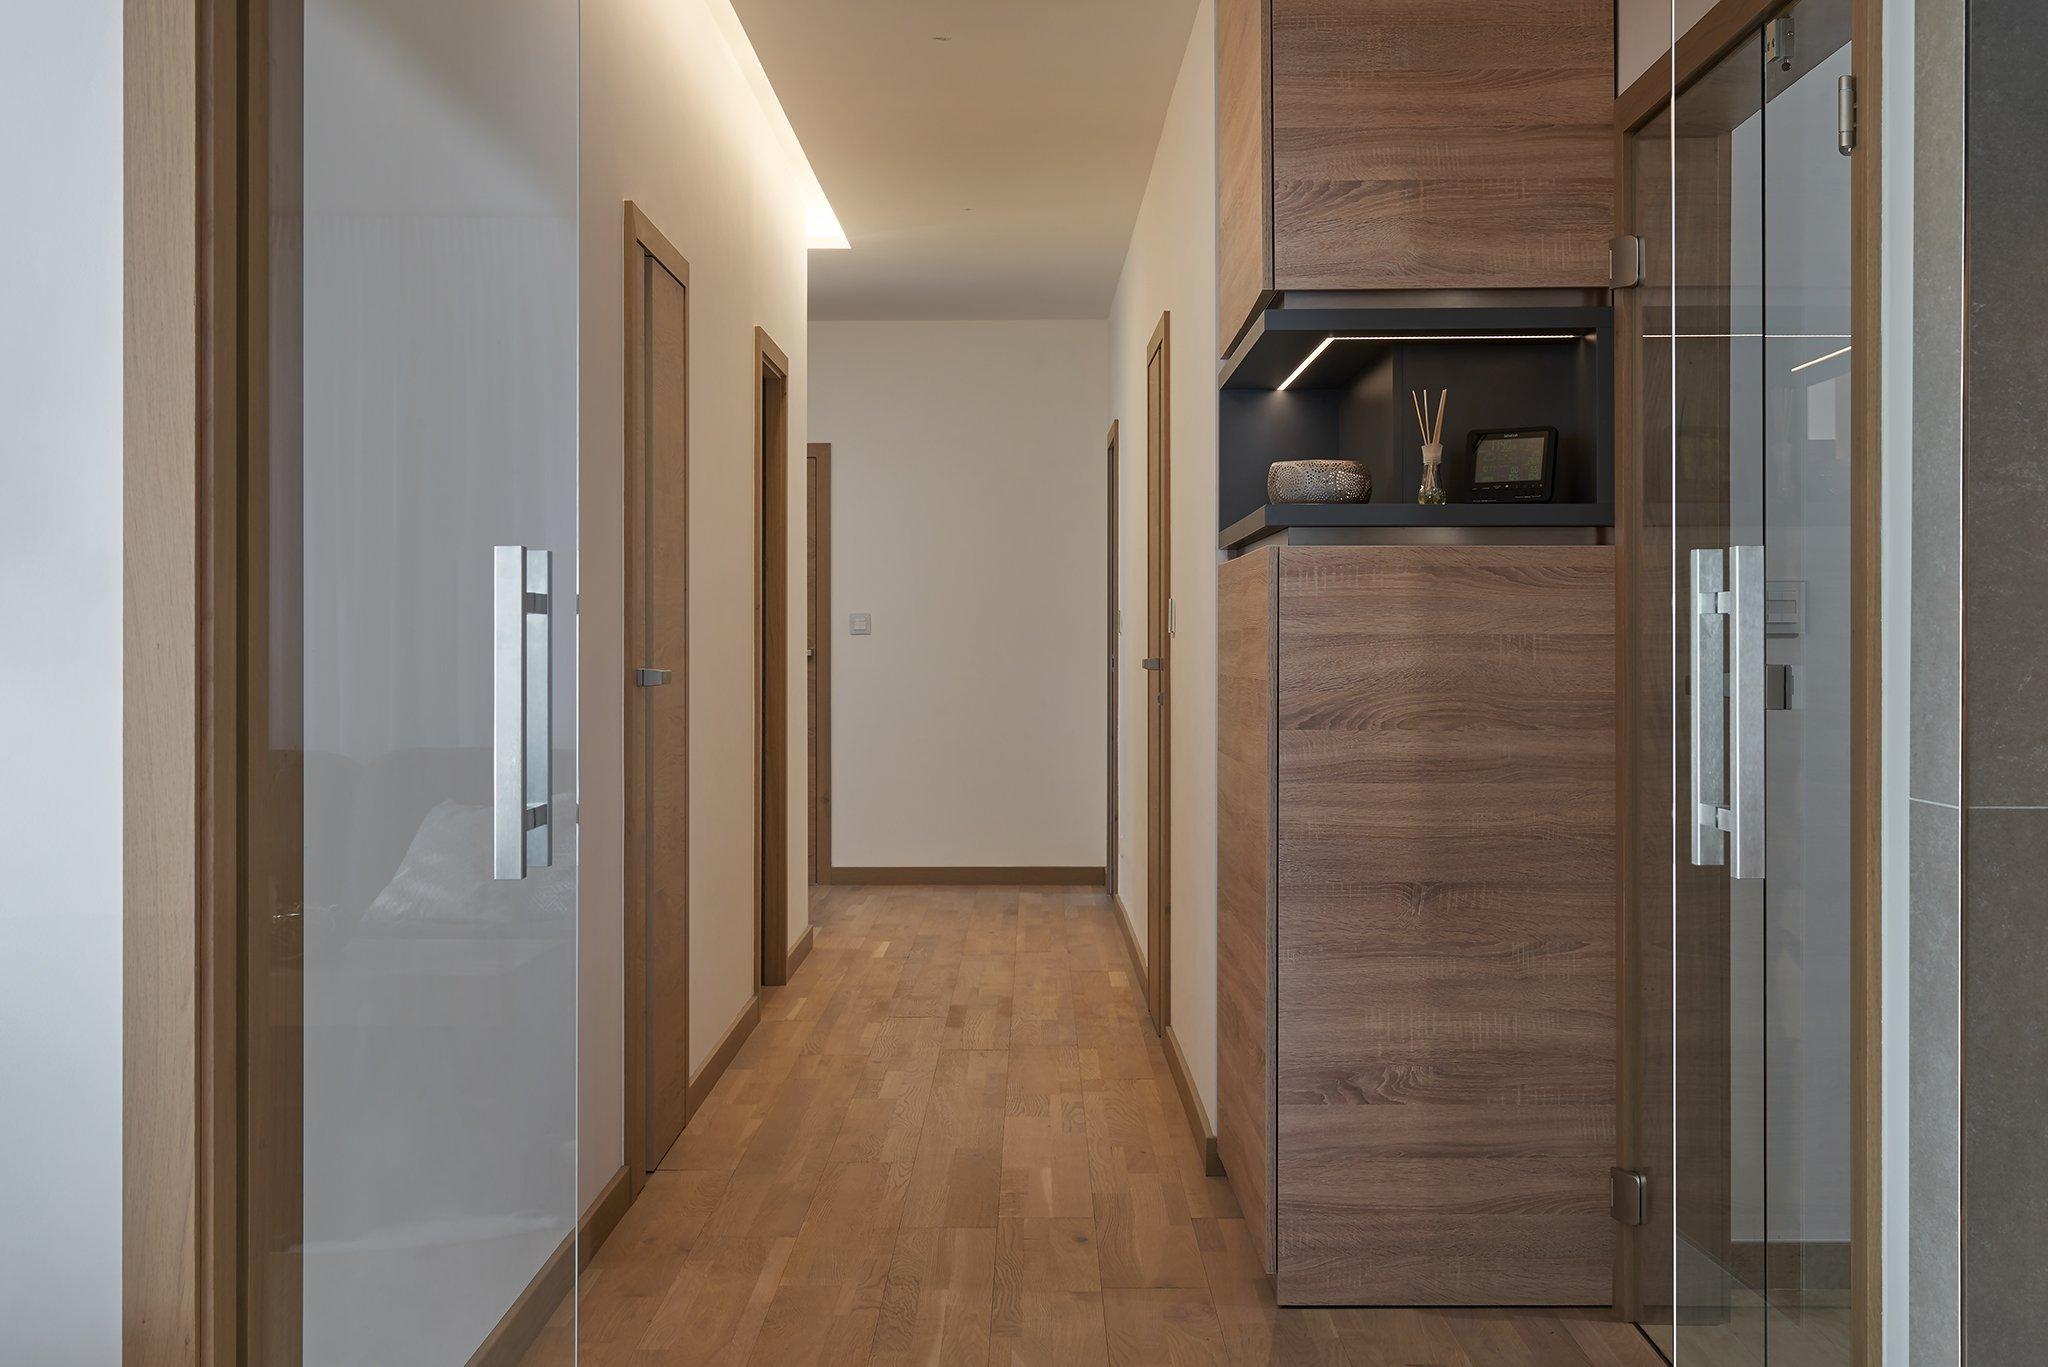 Moderní interiér domu v obývací části s vysokým stropem kde konstrukce krovu ze smrkových trámů zůstalačástečně viditelná. Interiér dýchá příjemnou…